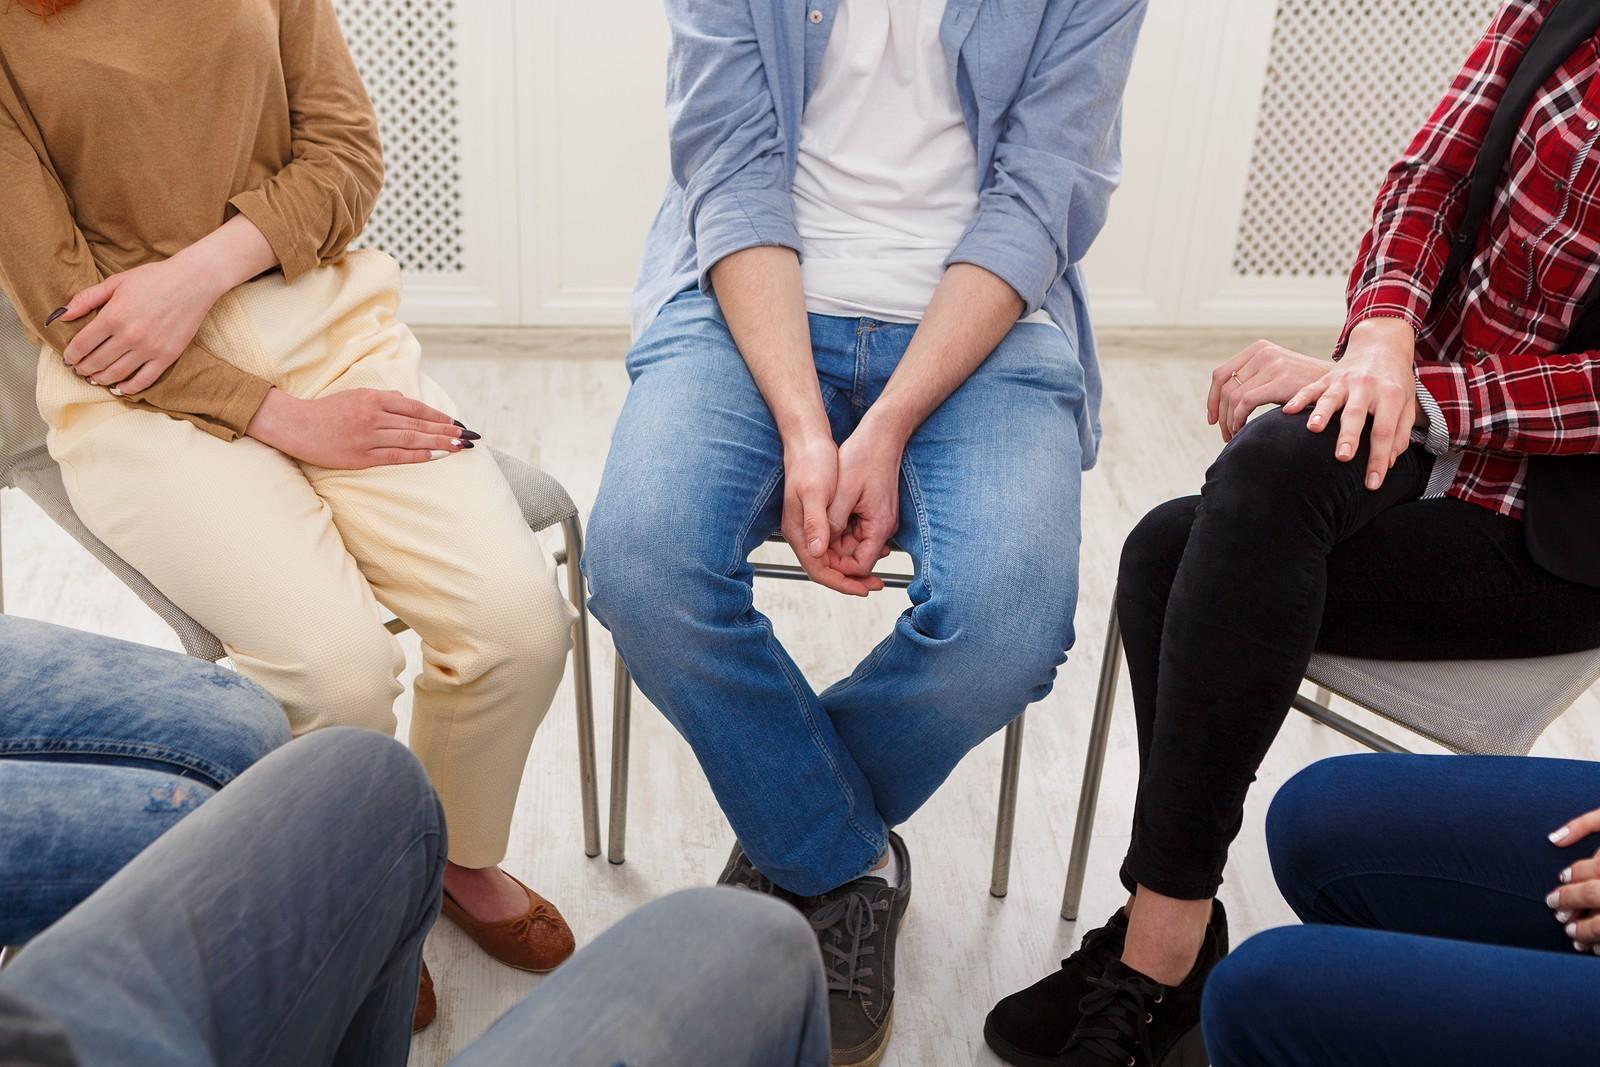 טיפול קבוצתי במרכז סי בי טי בחיפה - טיול פסיכולוגי בחיפה